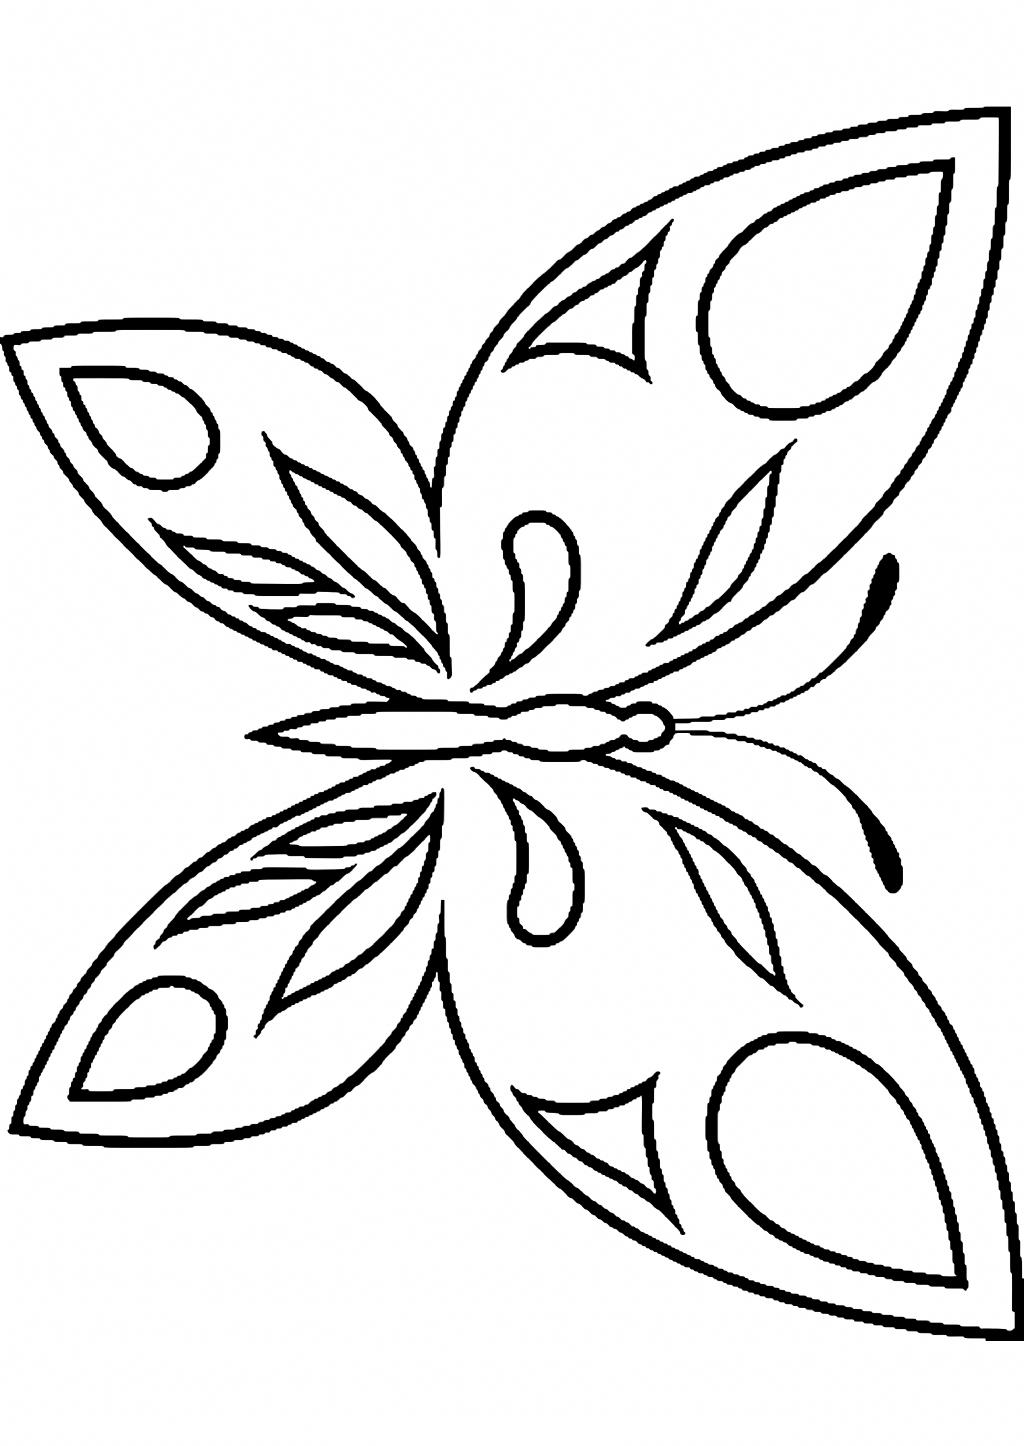 Neu Schmetterling Vorlagen #Malvorlagen #MalvorlagenfürKinder